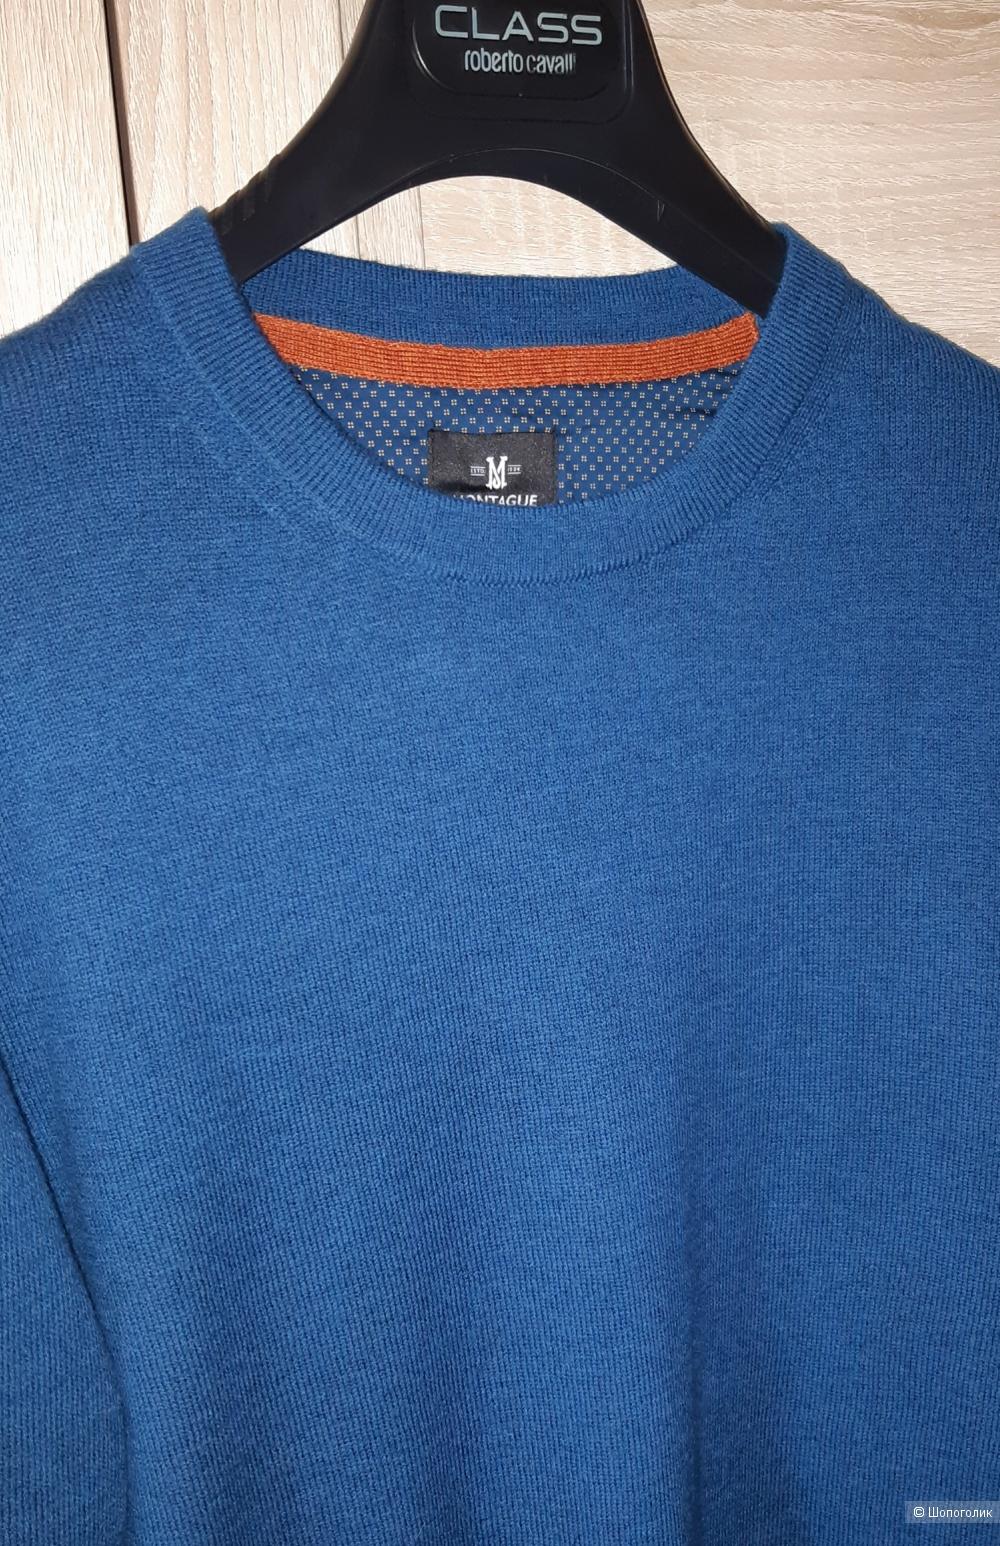 Шерстяной пуловер montague burton, размер m/l